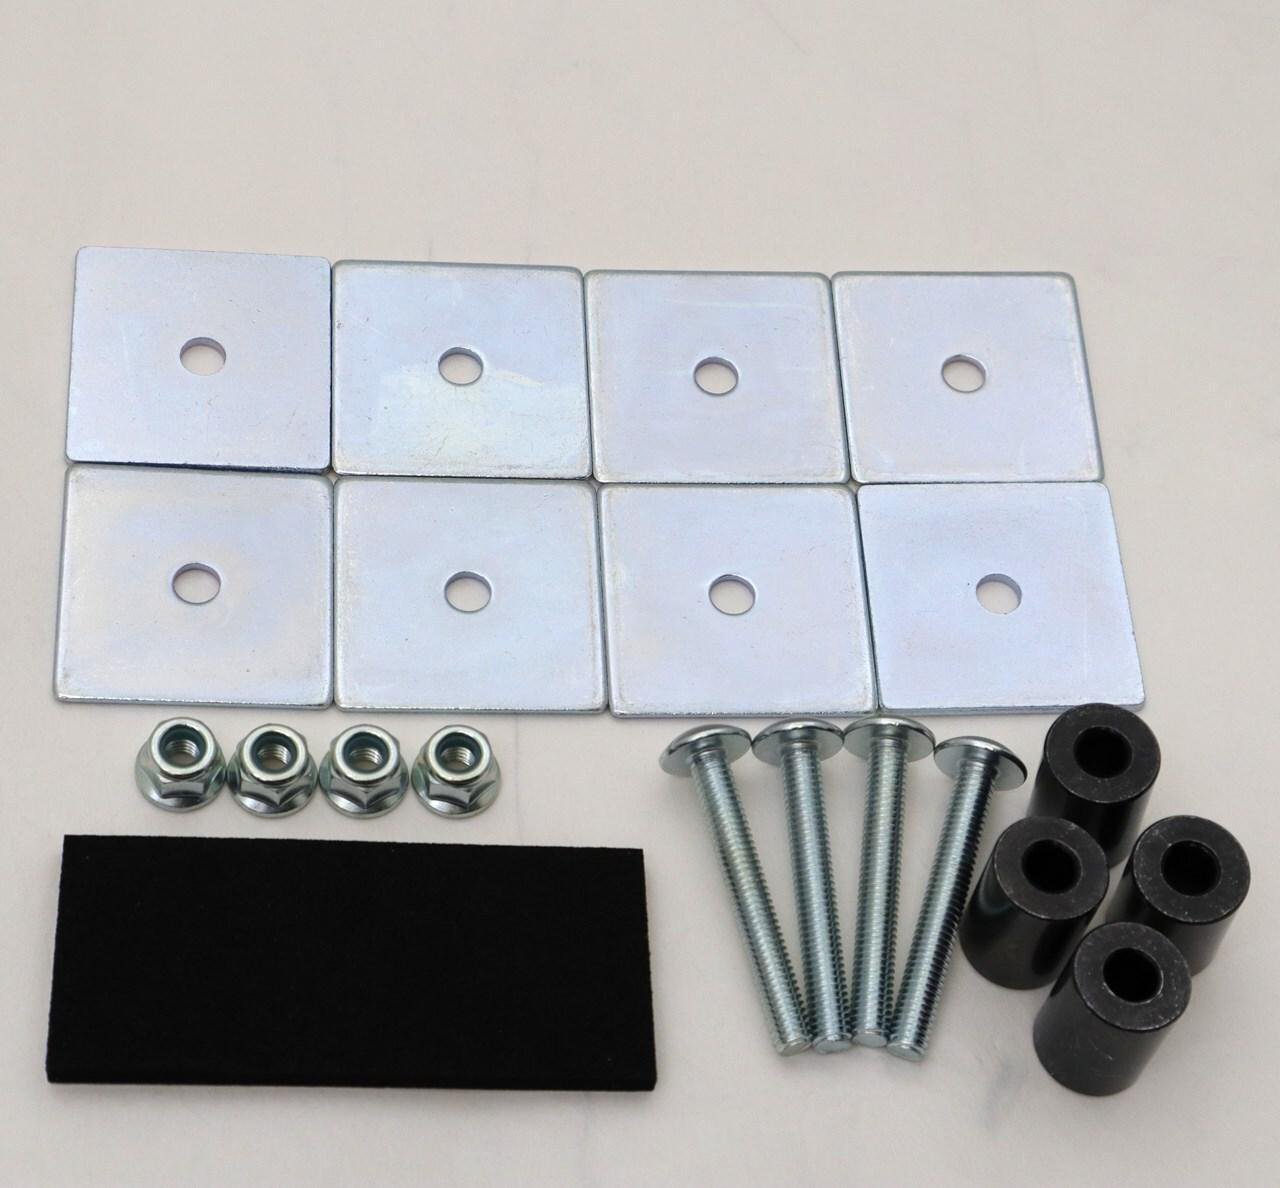 画像: 集配用大型キャリーボックス取り付けキット